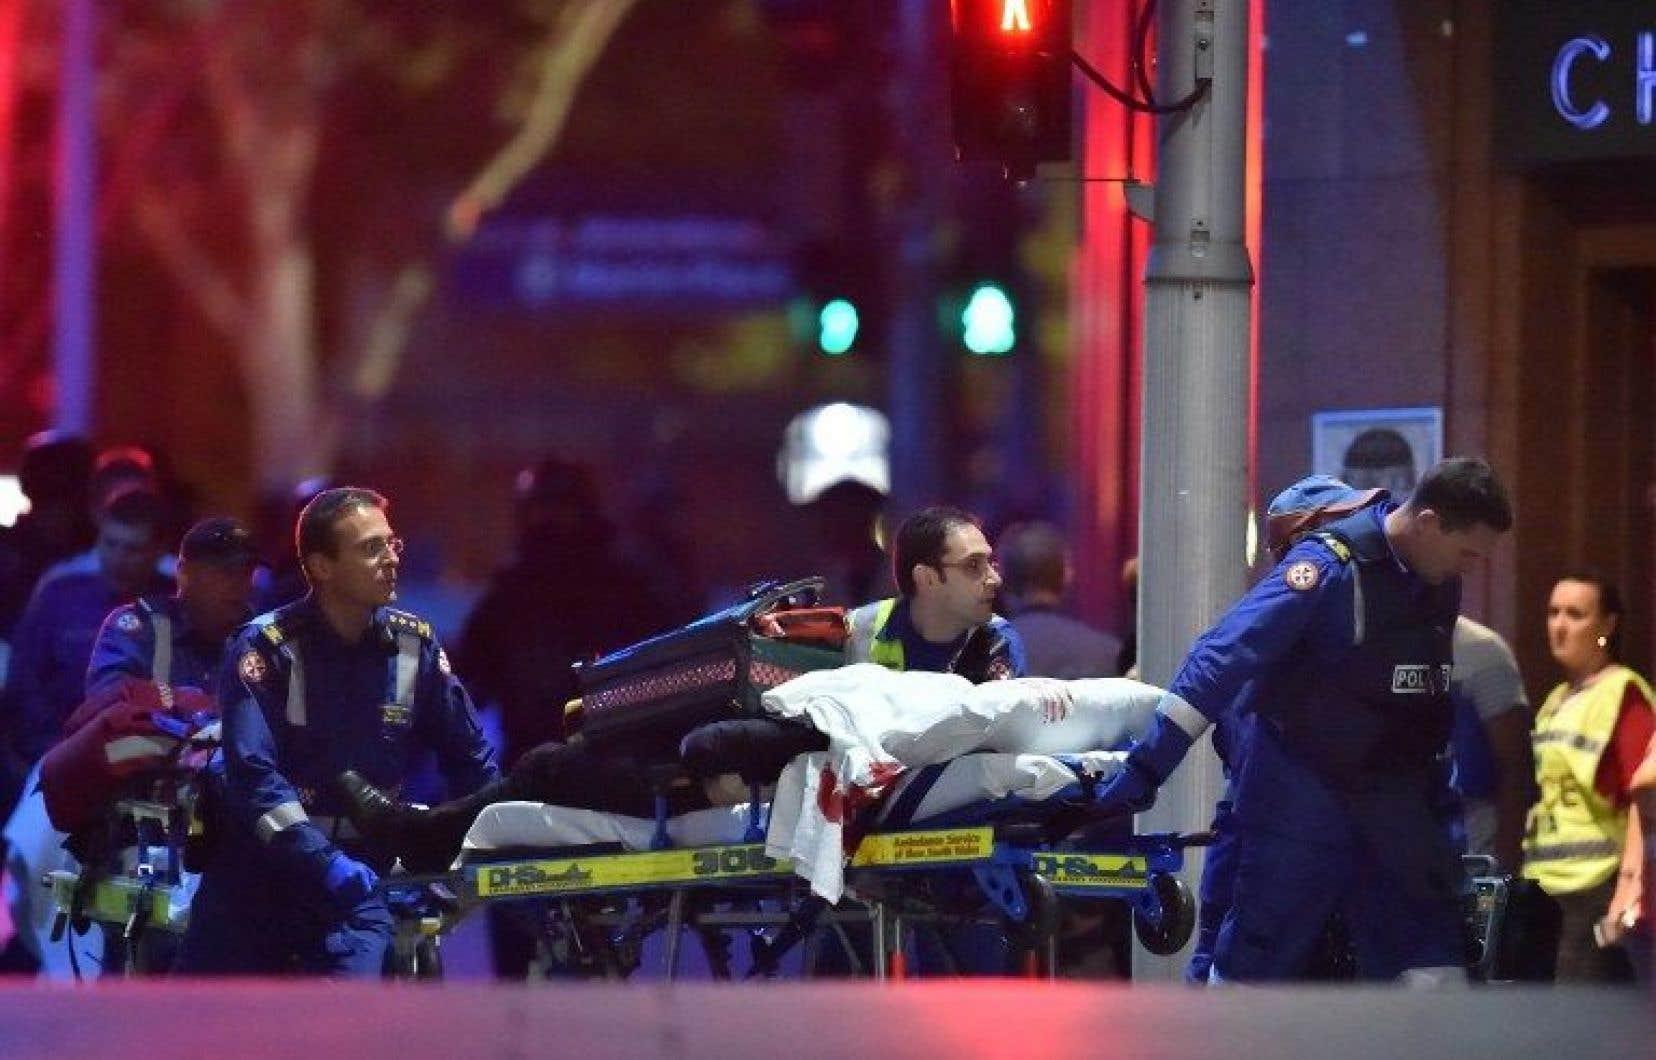 Certains otages ont été emmenés sur des brancards. Trois autres auraient été grièvement blessés.